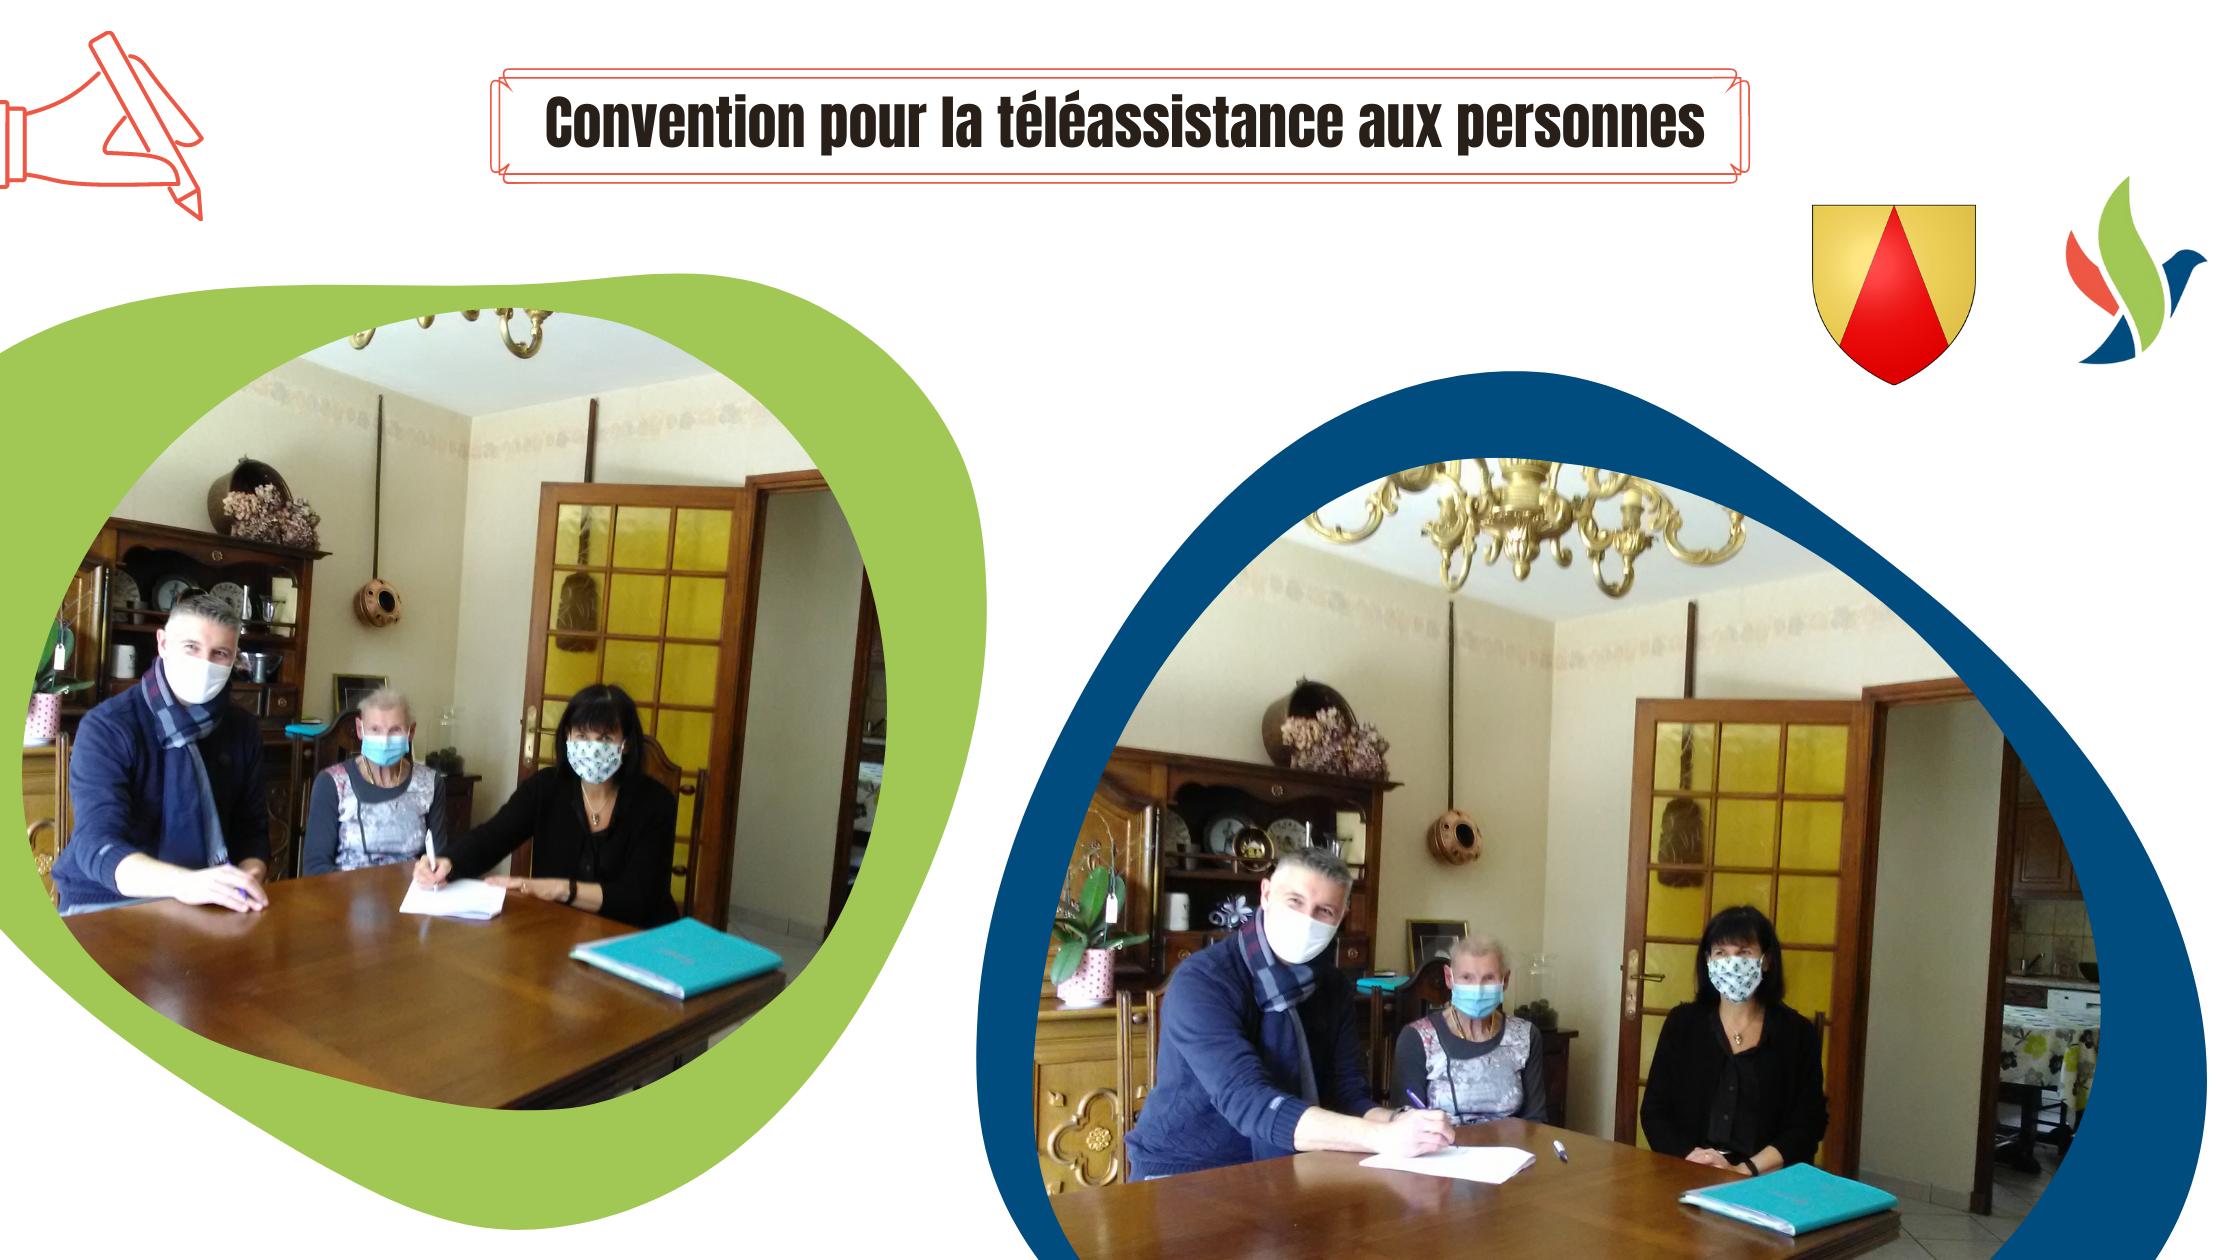 Copie-de-e-convention-pour-la-teleassistance-aux-personnes